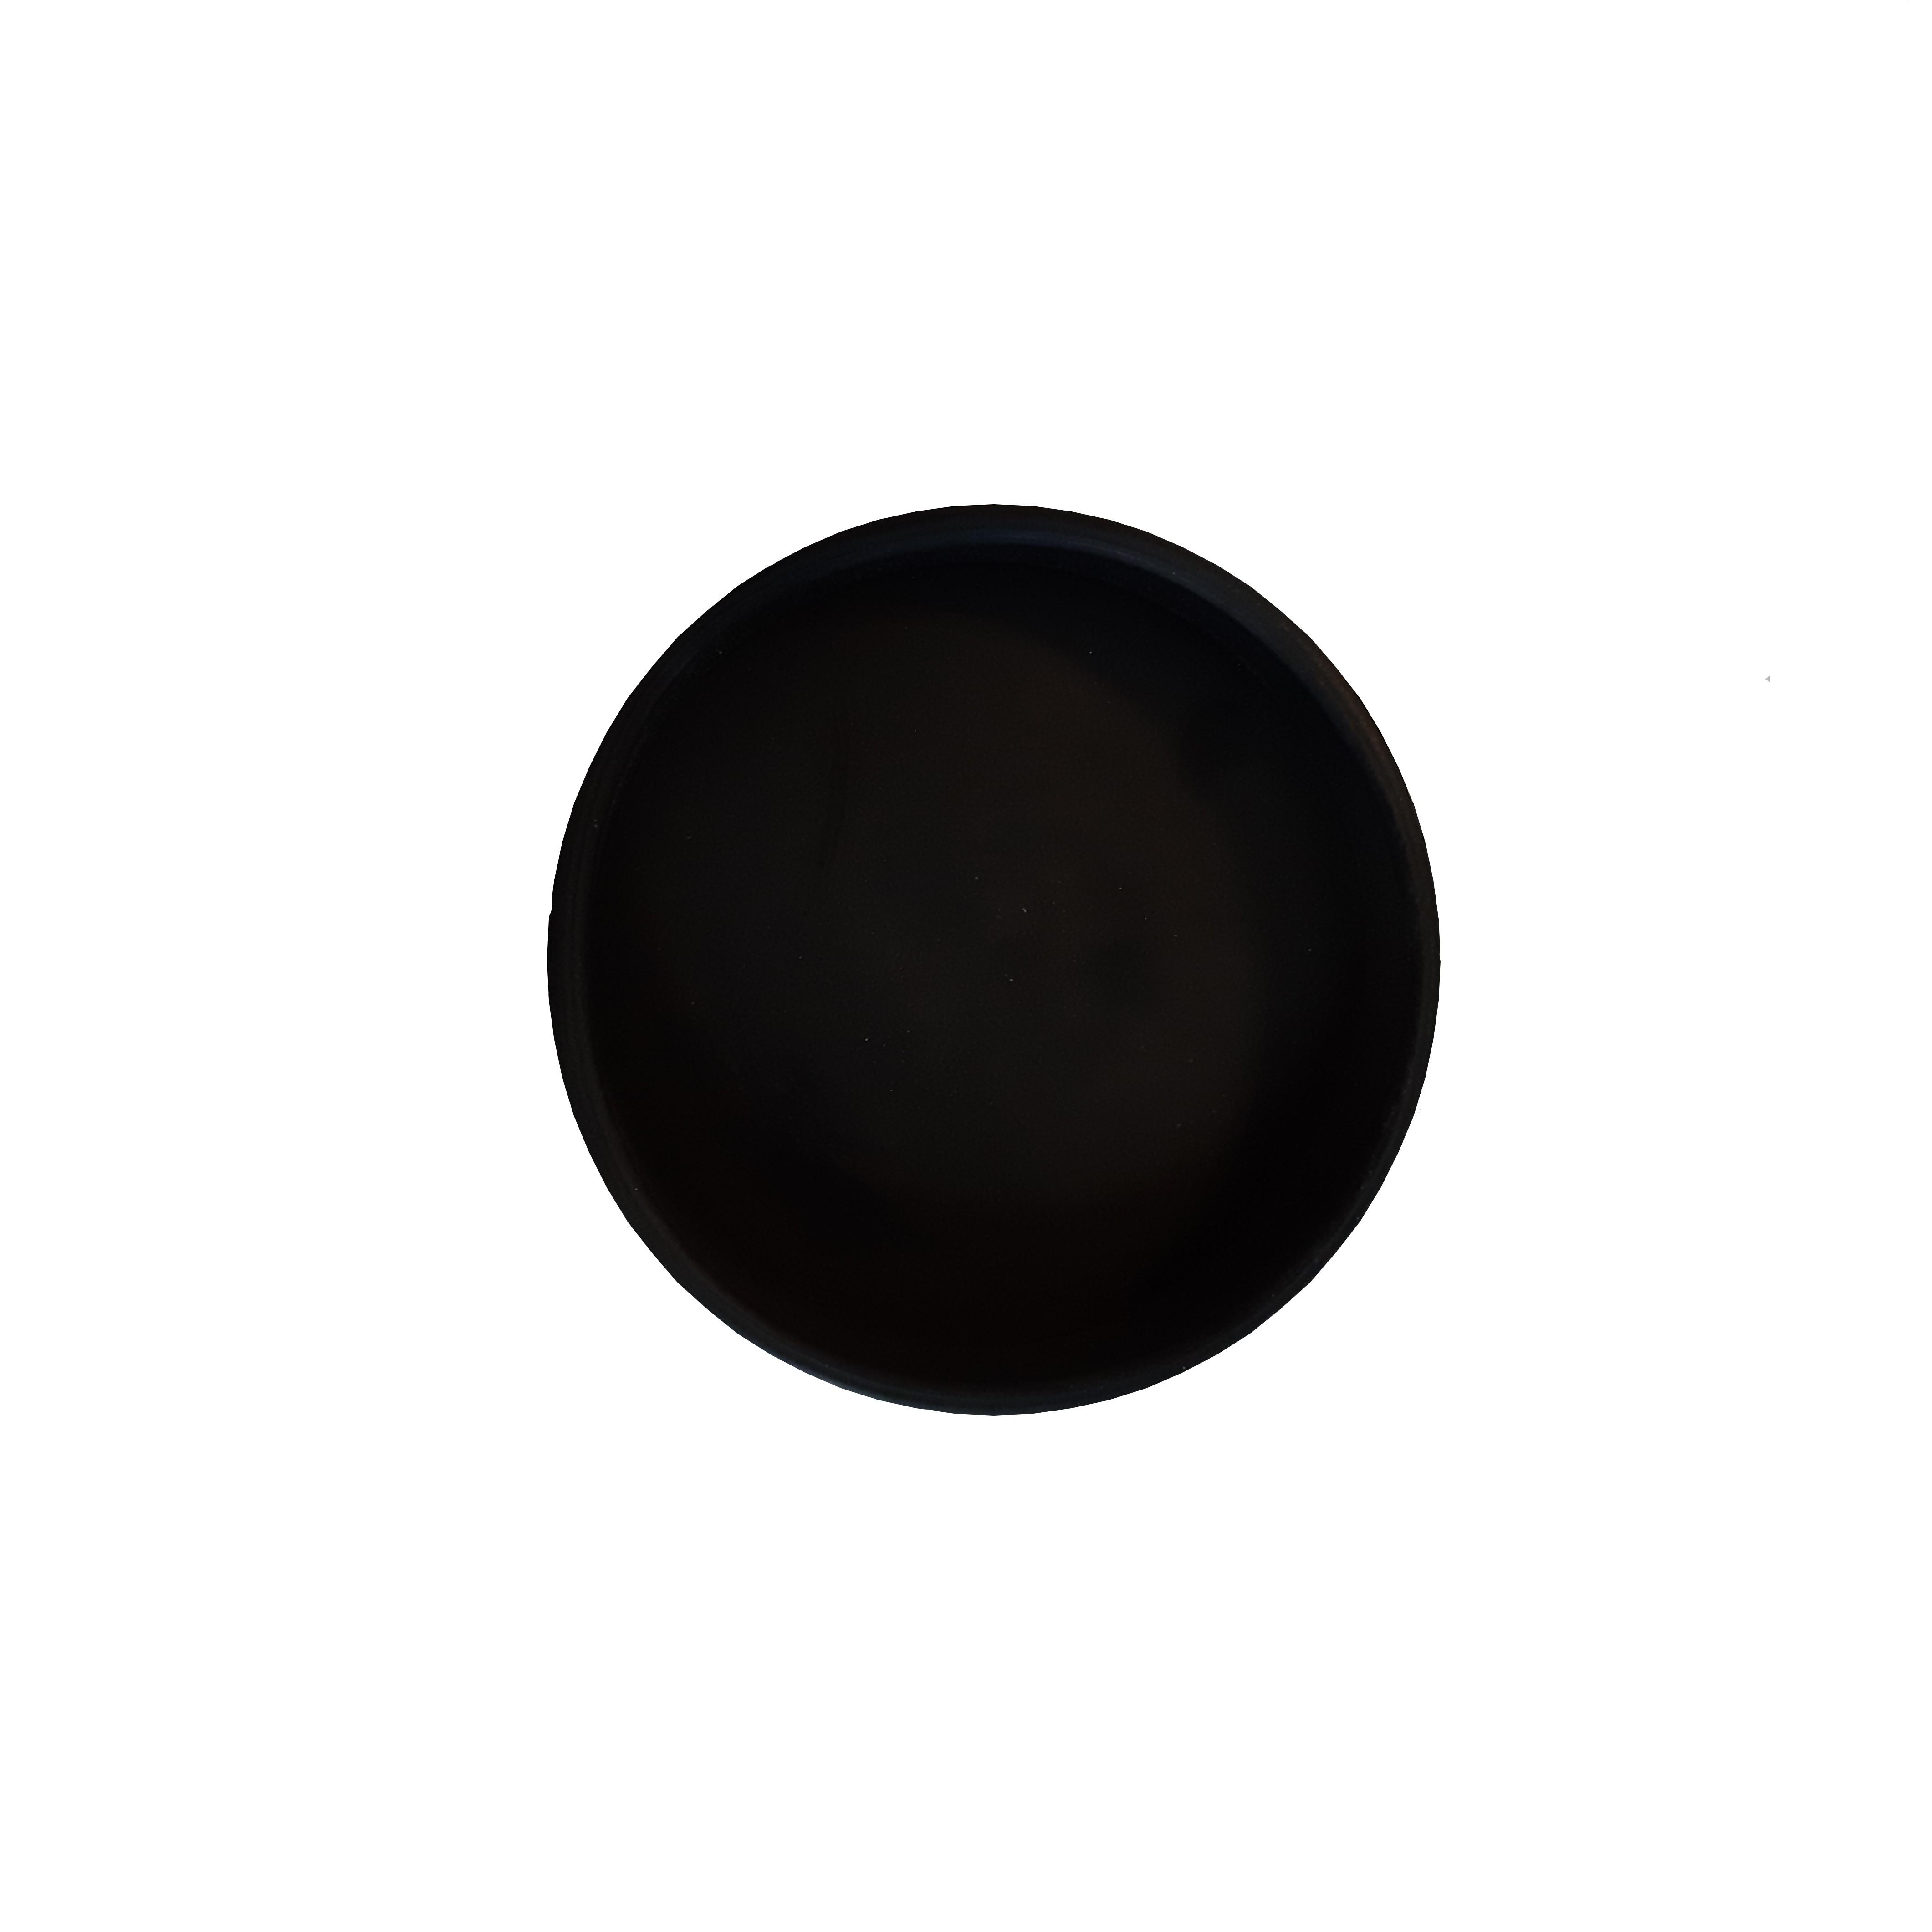 Coperchio serbatoio olio S/125 Nobili 1021164